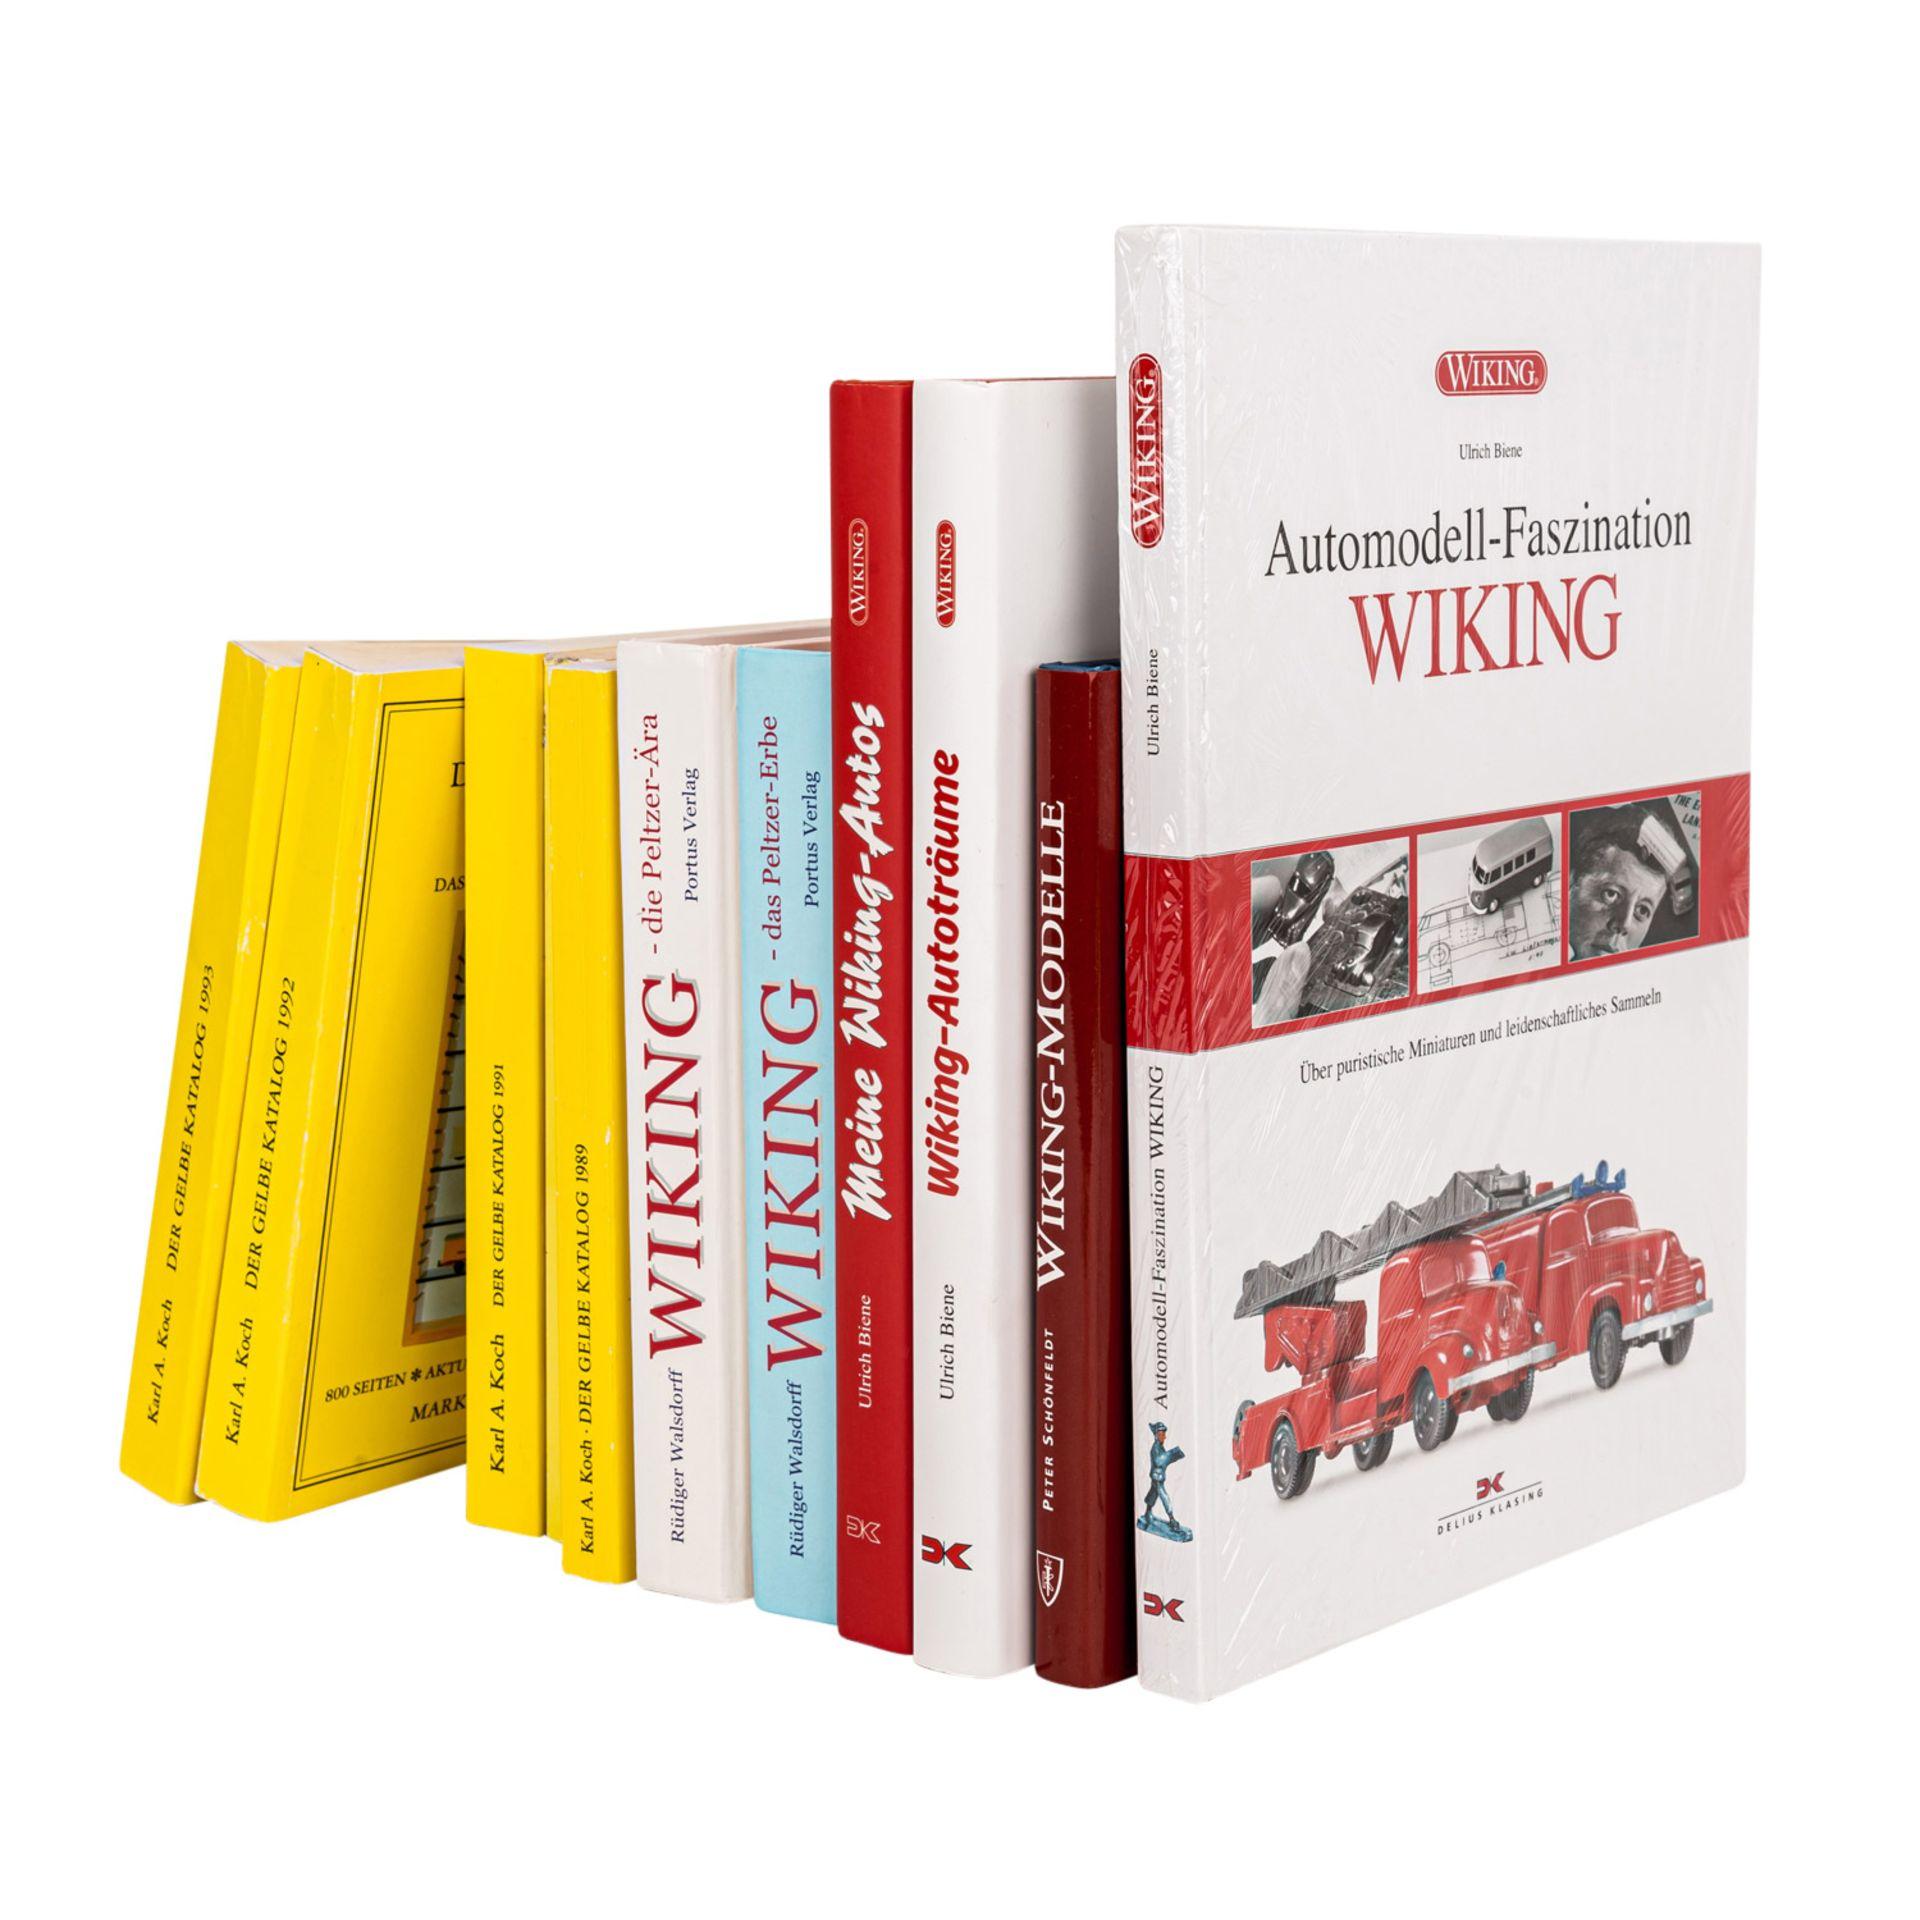 WIKING 11-tlg Bücherkonvolut,bestehend aus 6 hochwertig gebundenen Ausgaben, darunter